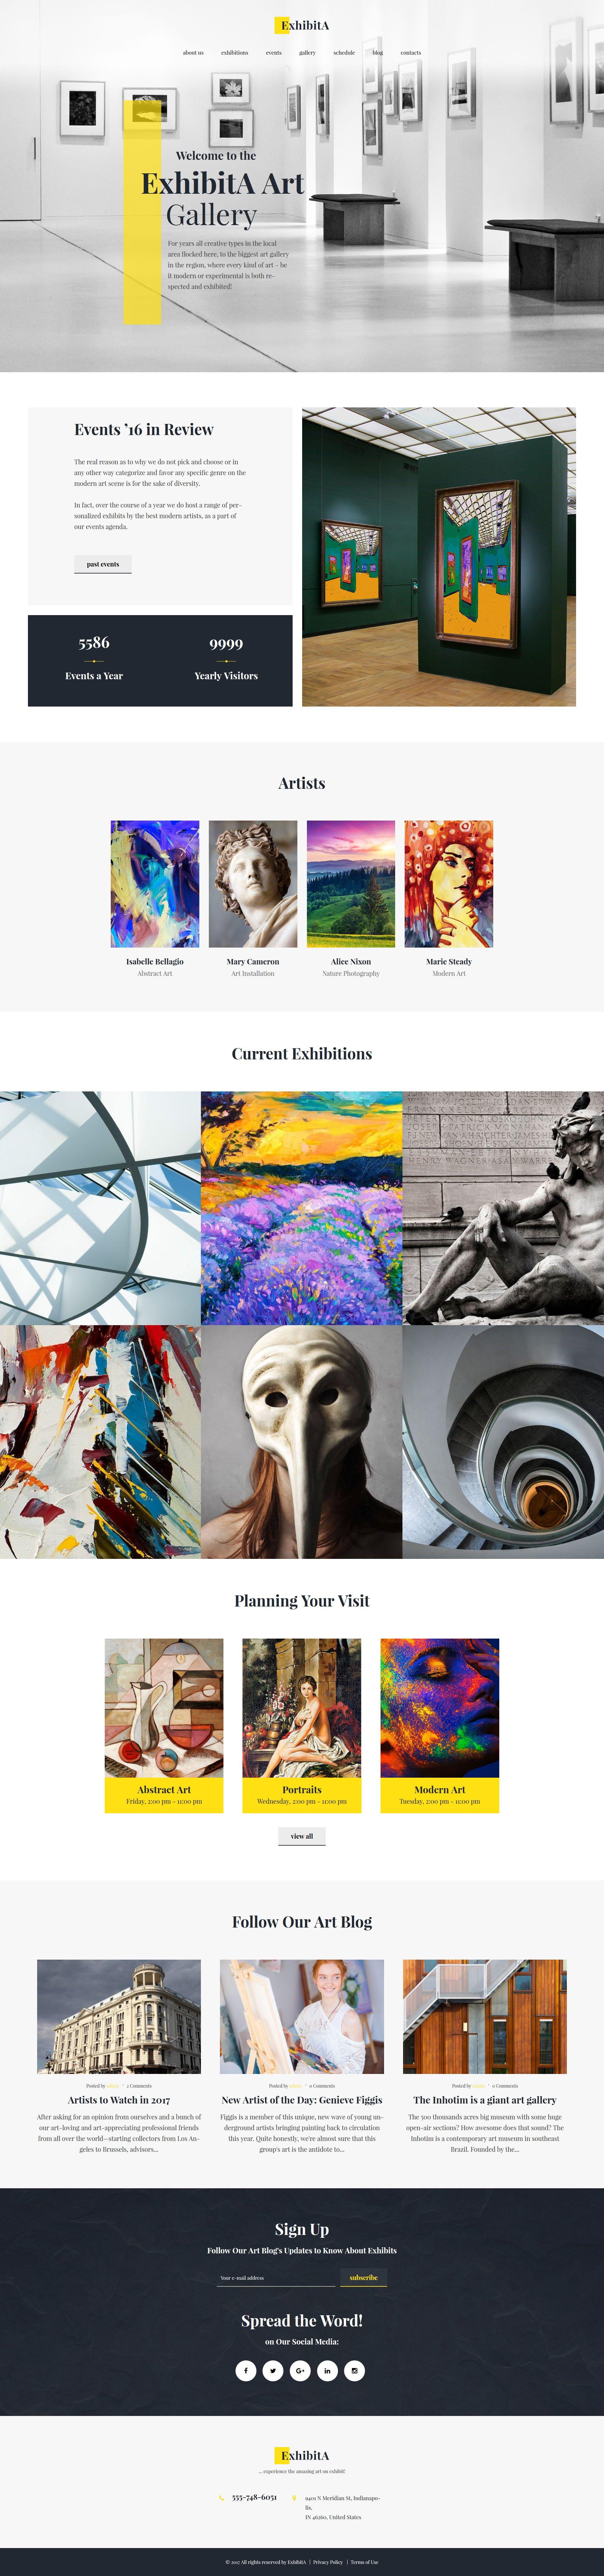 ExhibitA - художественная галерея №62373 - скриншот